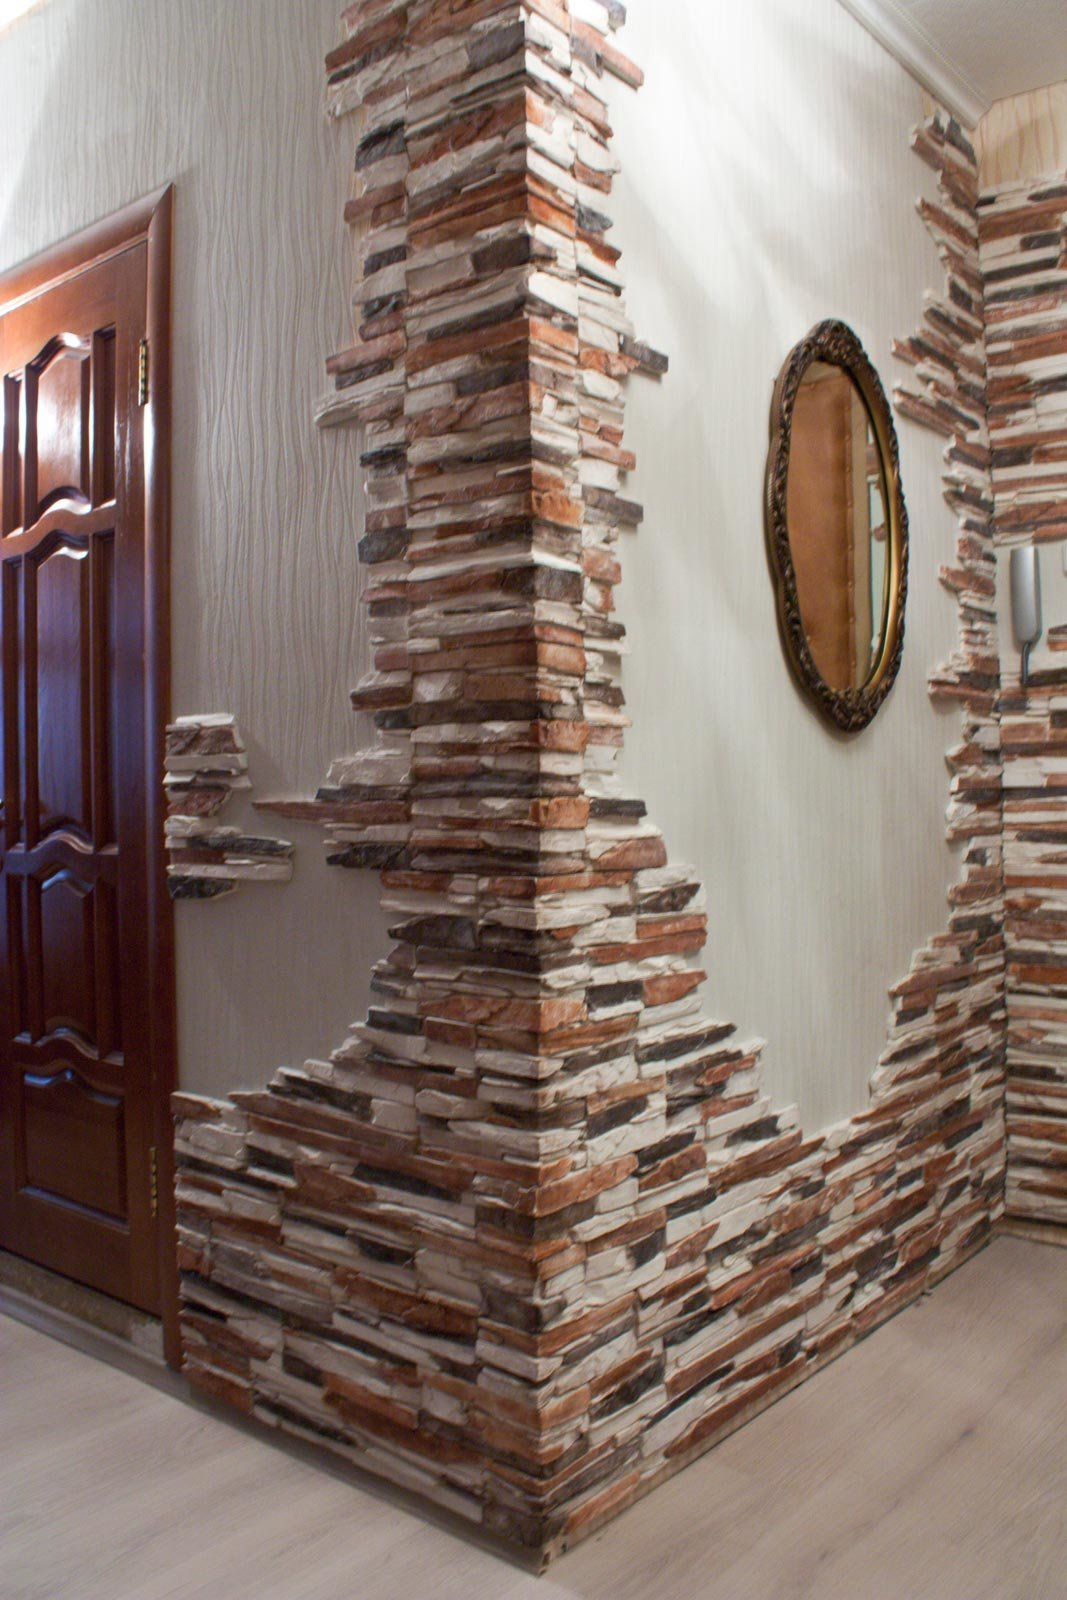 Искусственный камень в интерьере прихожей, кухни, спальни, лоджии: фото + инструкция по декорированию стен